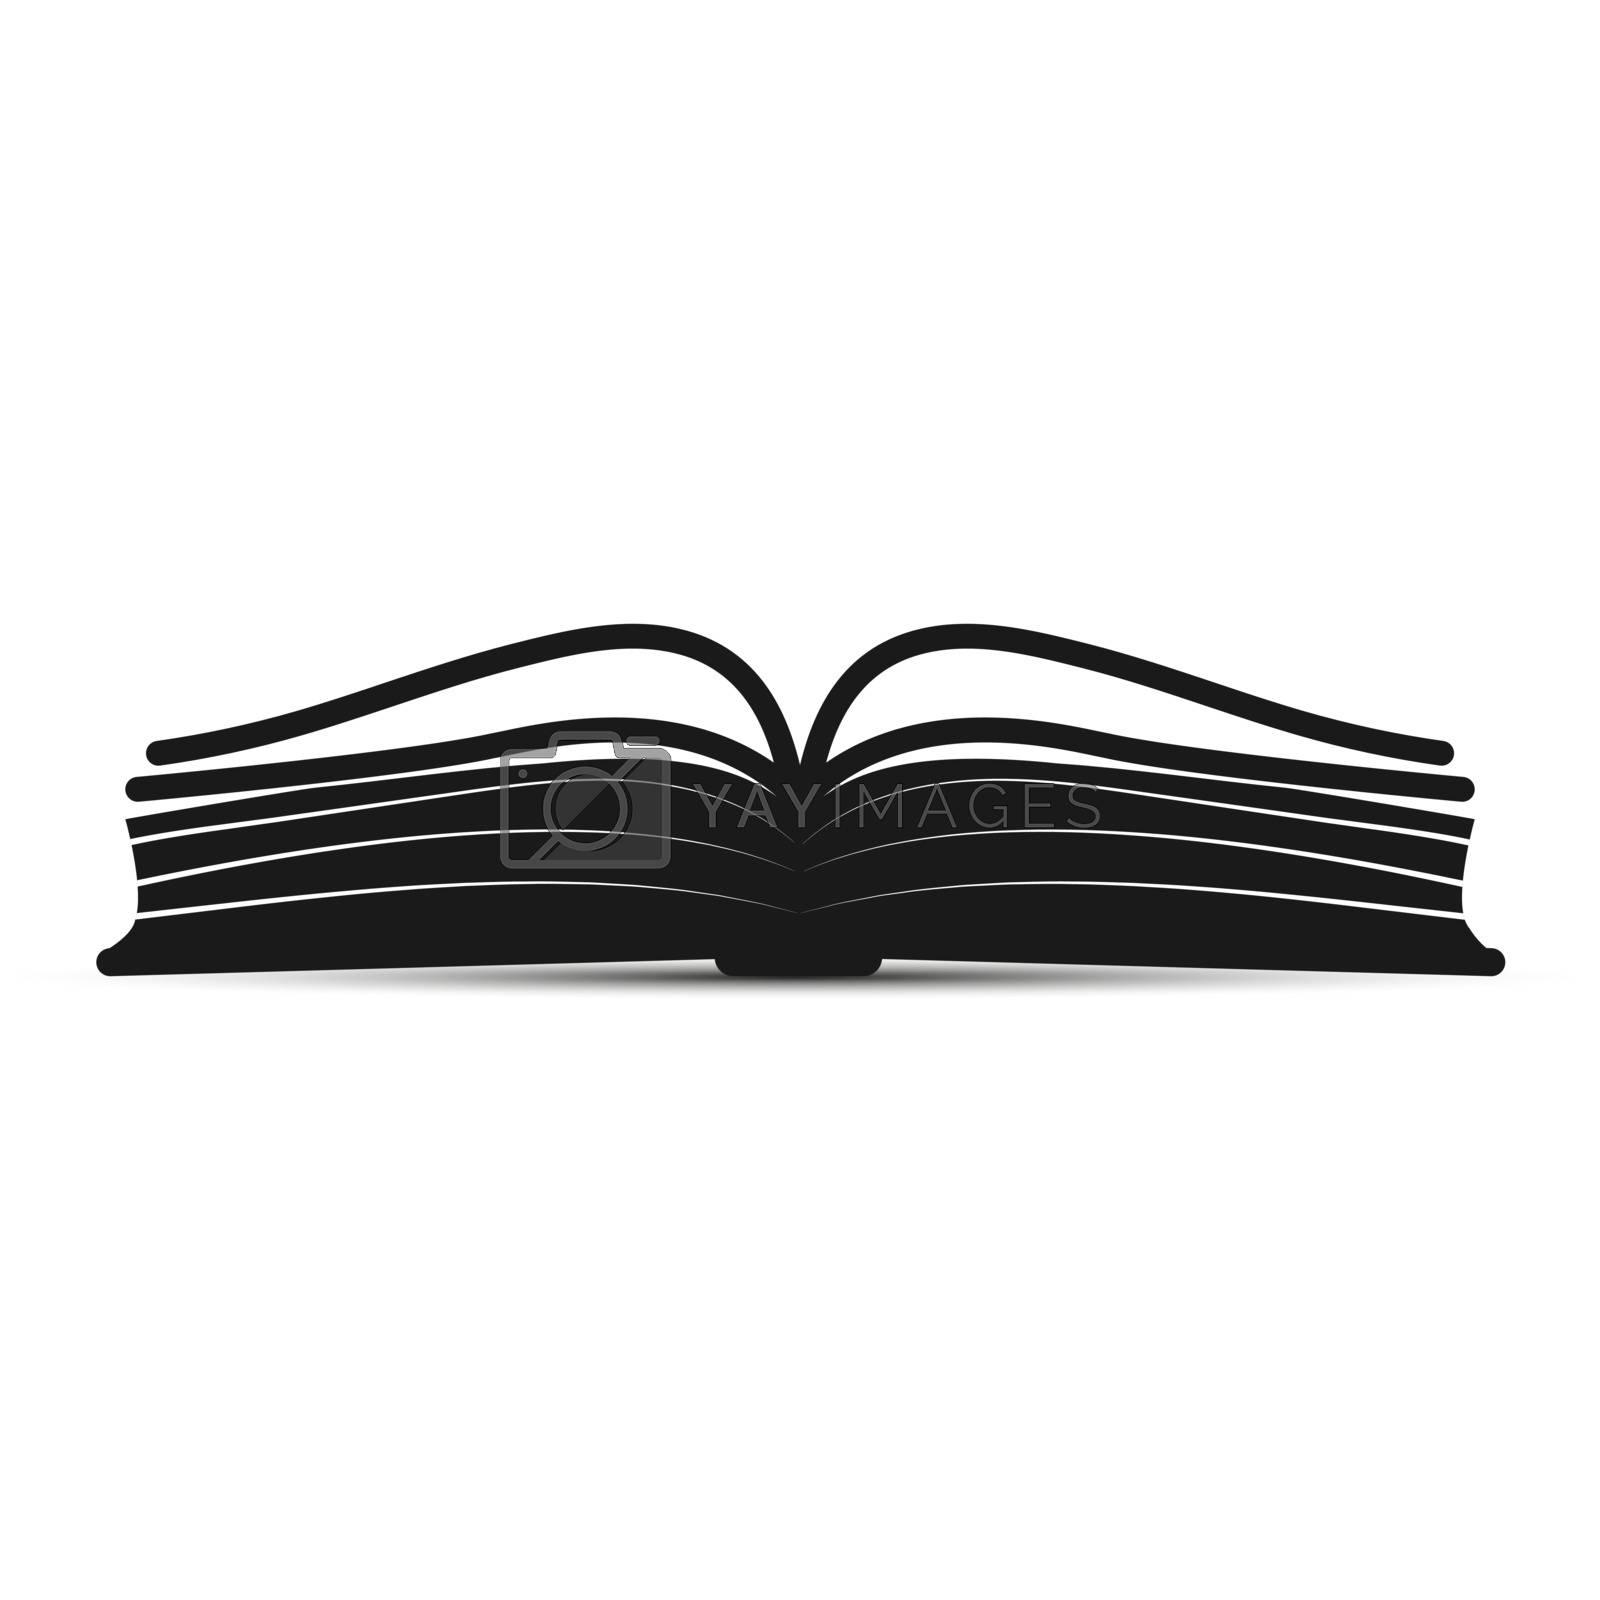 simple silhouette open book icon for web design